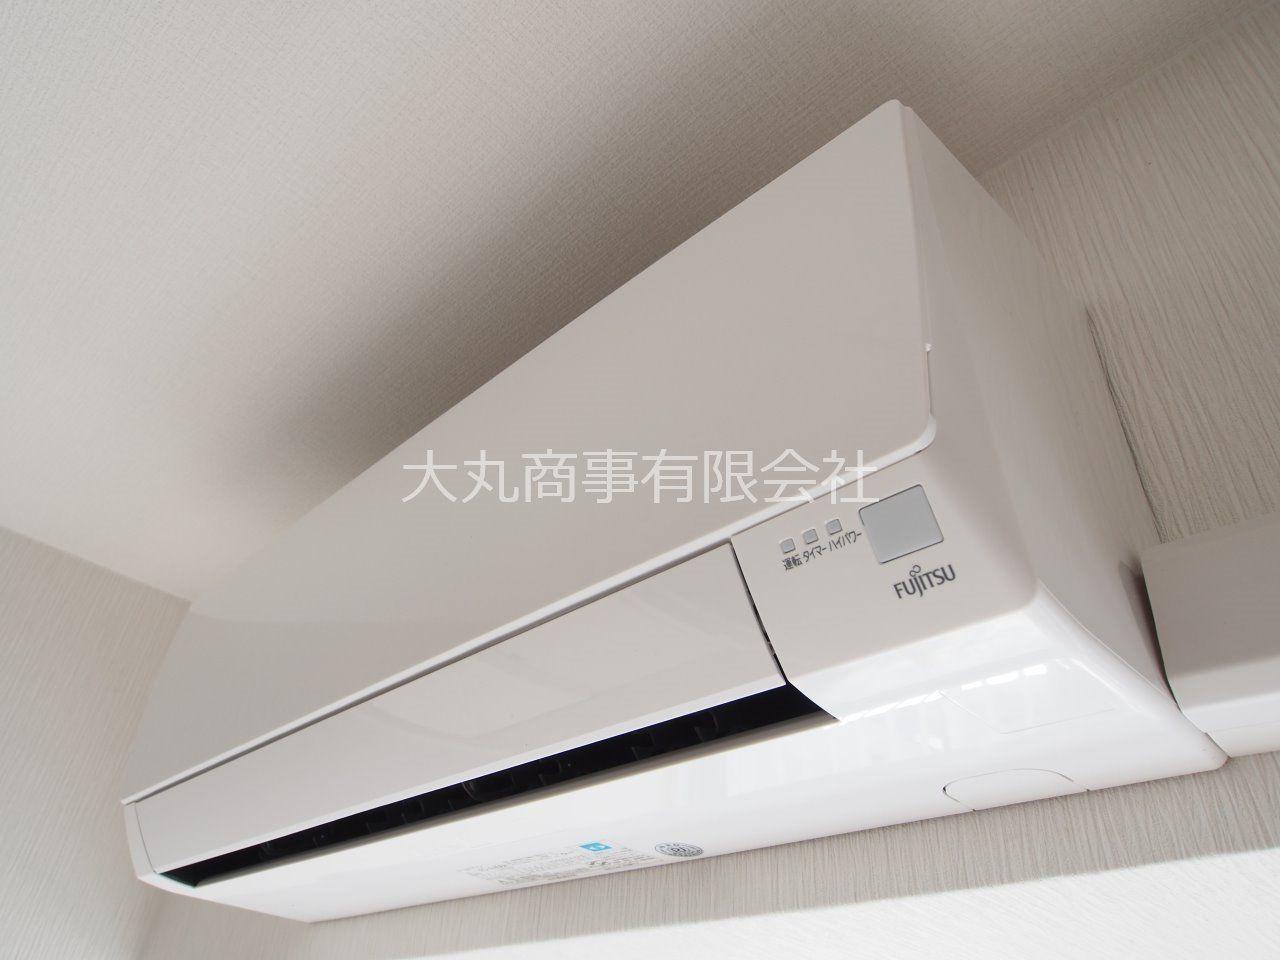 LDKに設置してあるエアコン(富士通ゼネラル製、2016年製、AS-A406H)